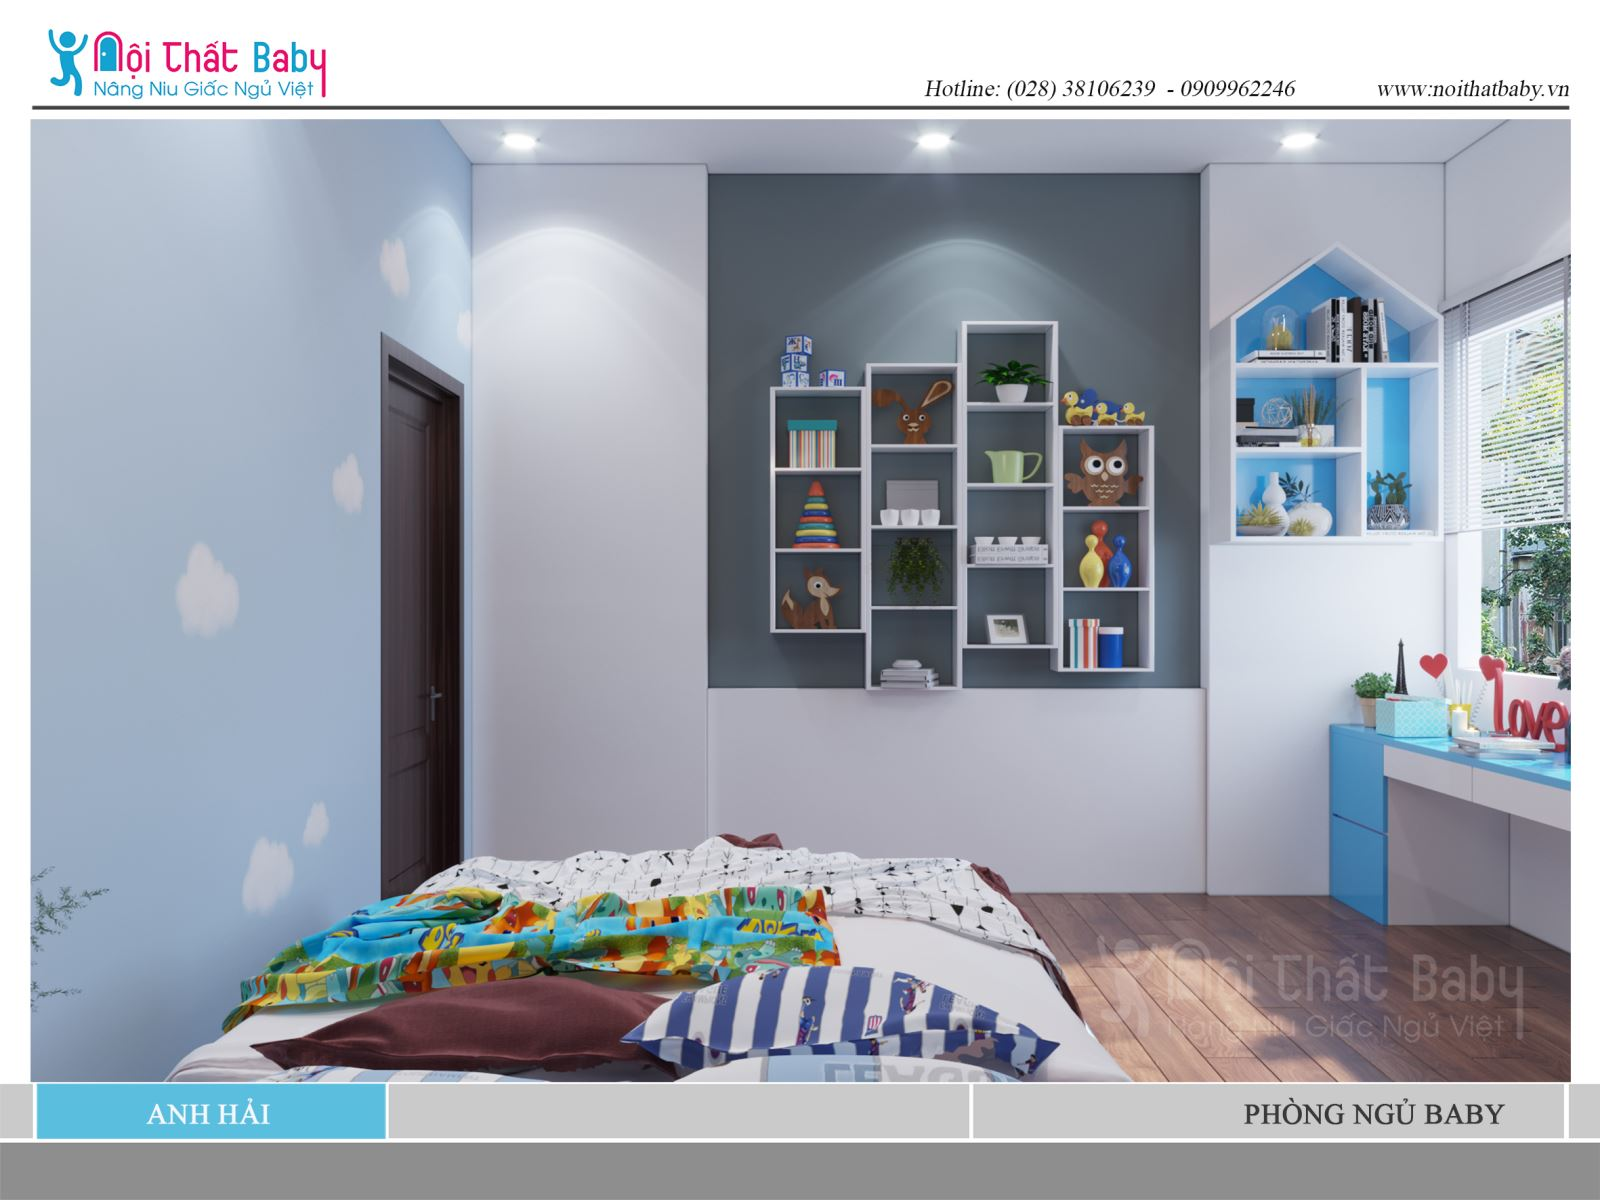 Phòng ngủ Baby màu xanh dễ thương nhà anh Hải